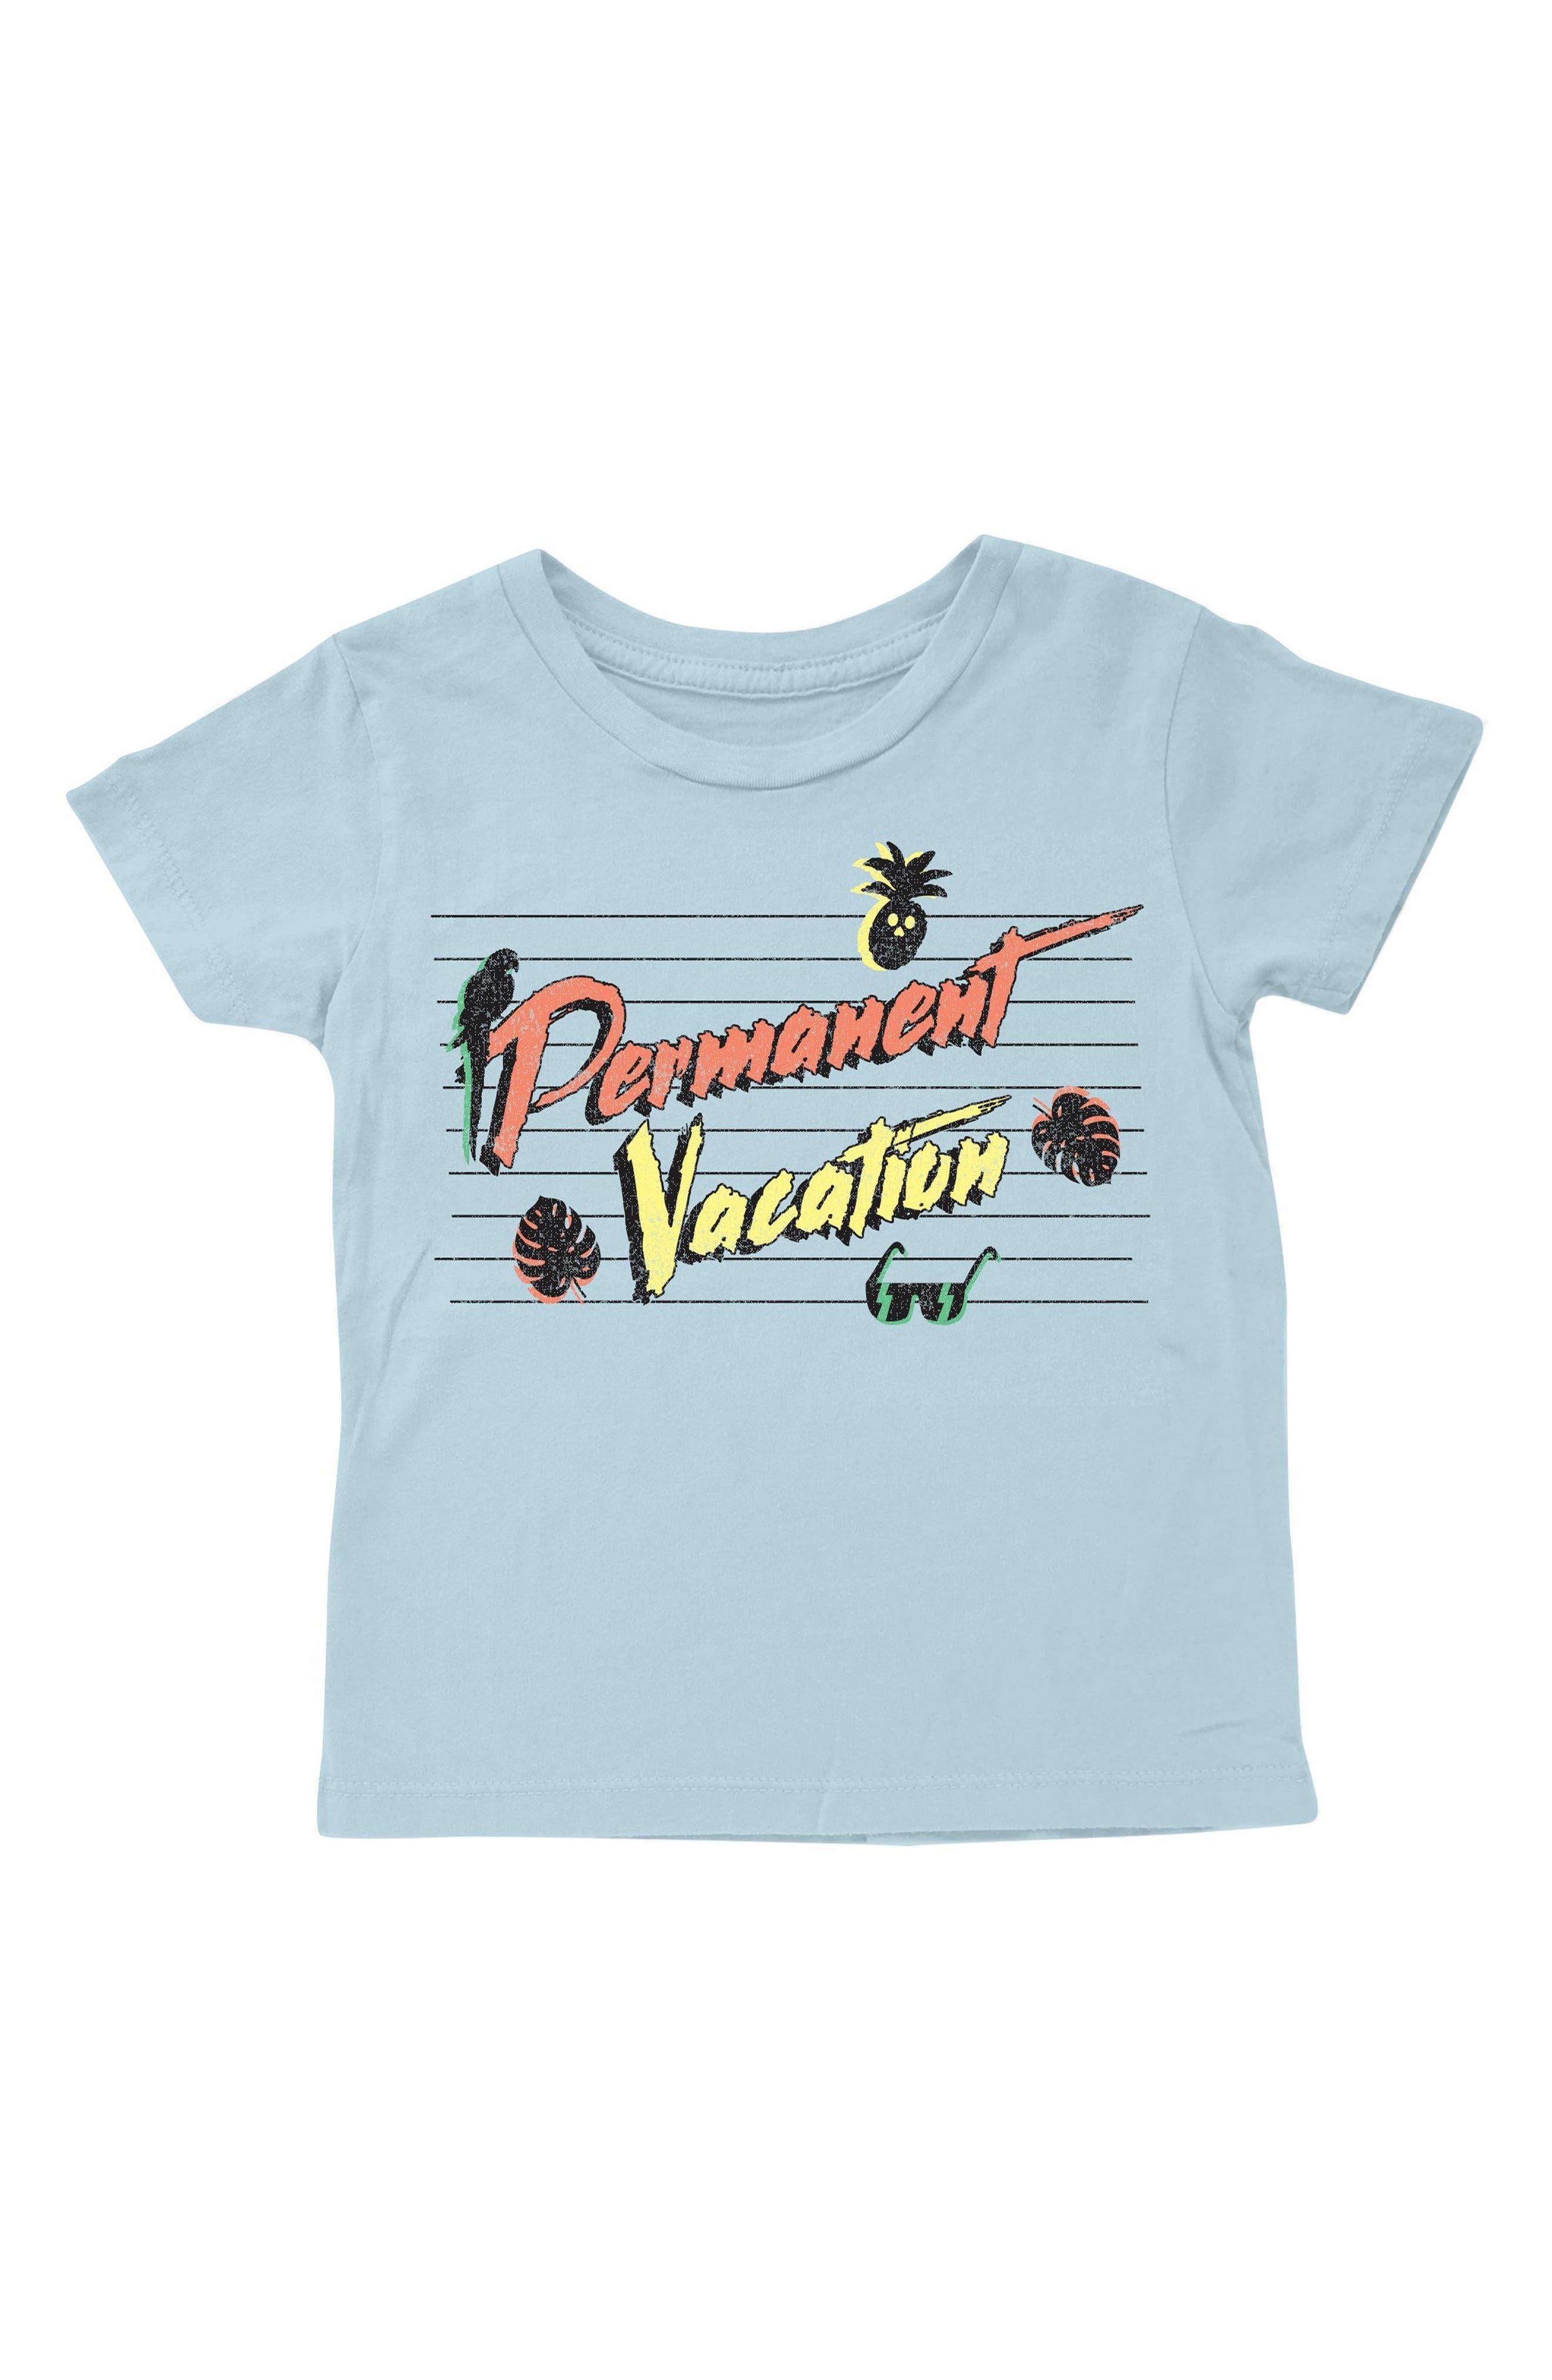 Permanent Vacation T-Shirt,                             Main thumbnail 1, color,                             450